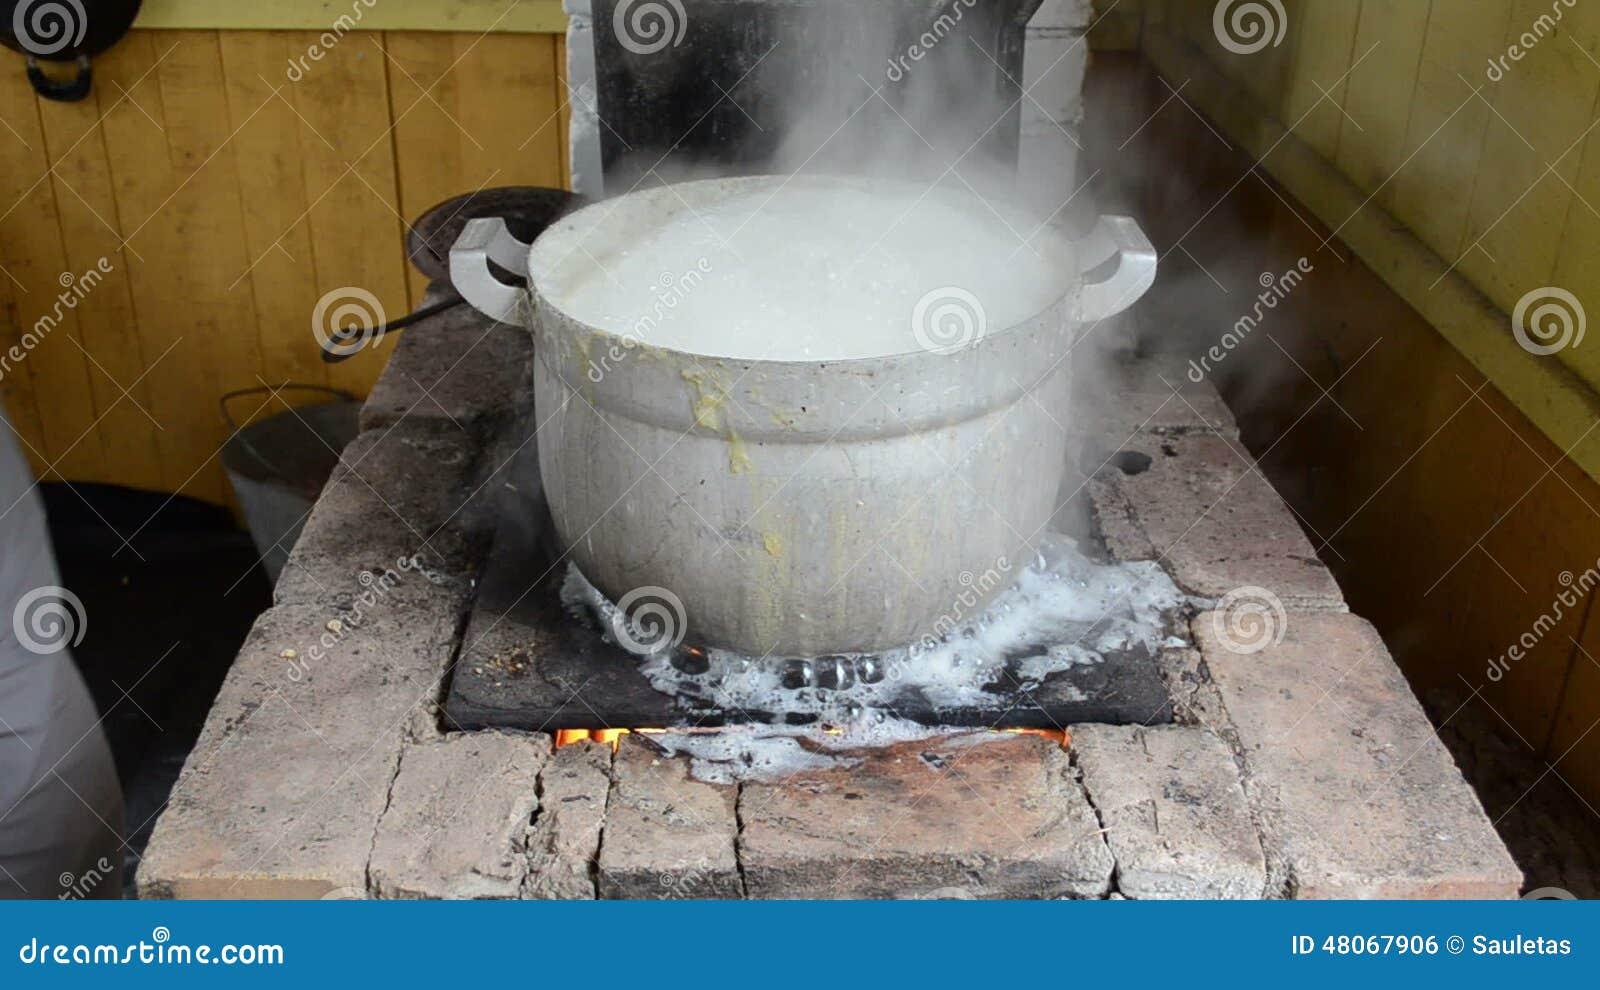 Pot boil rural furnace water run flow burn hand rise lid cover